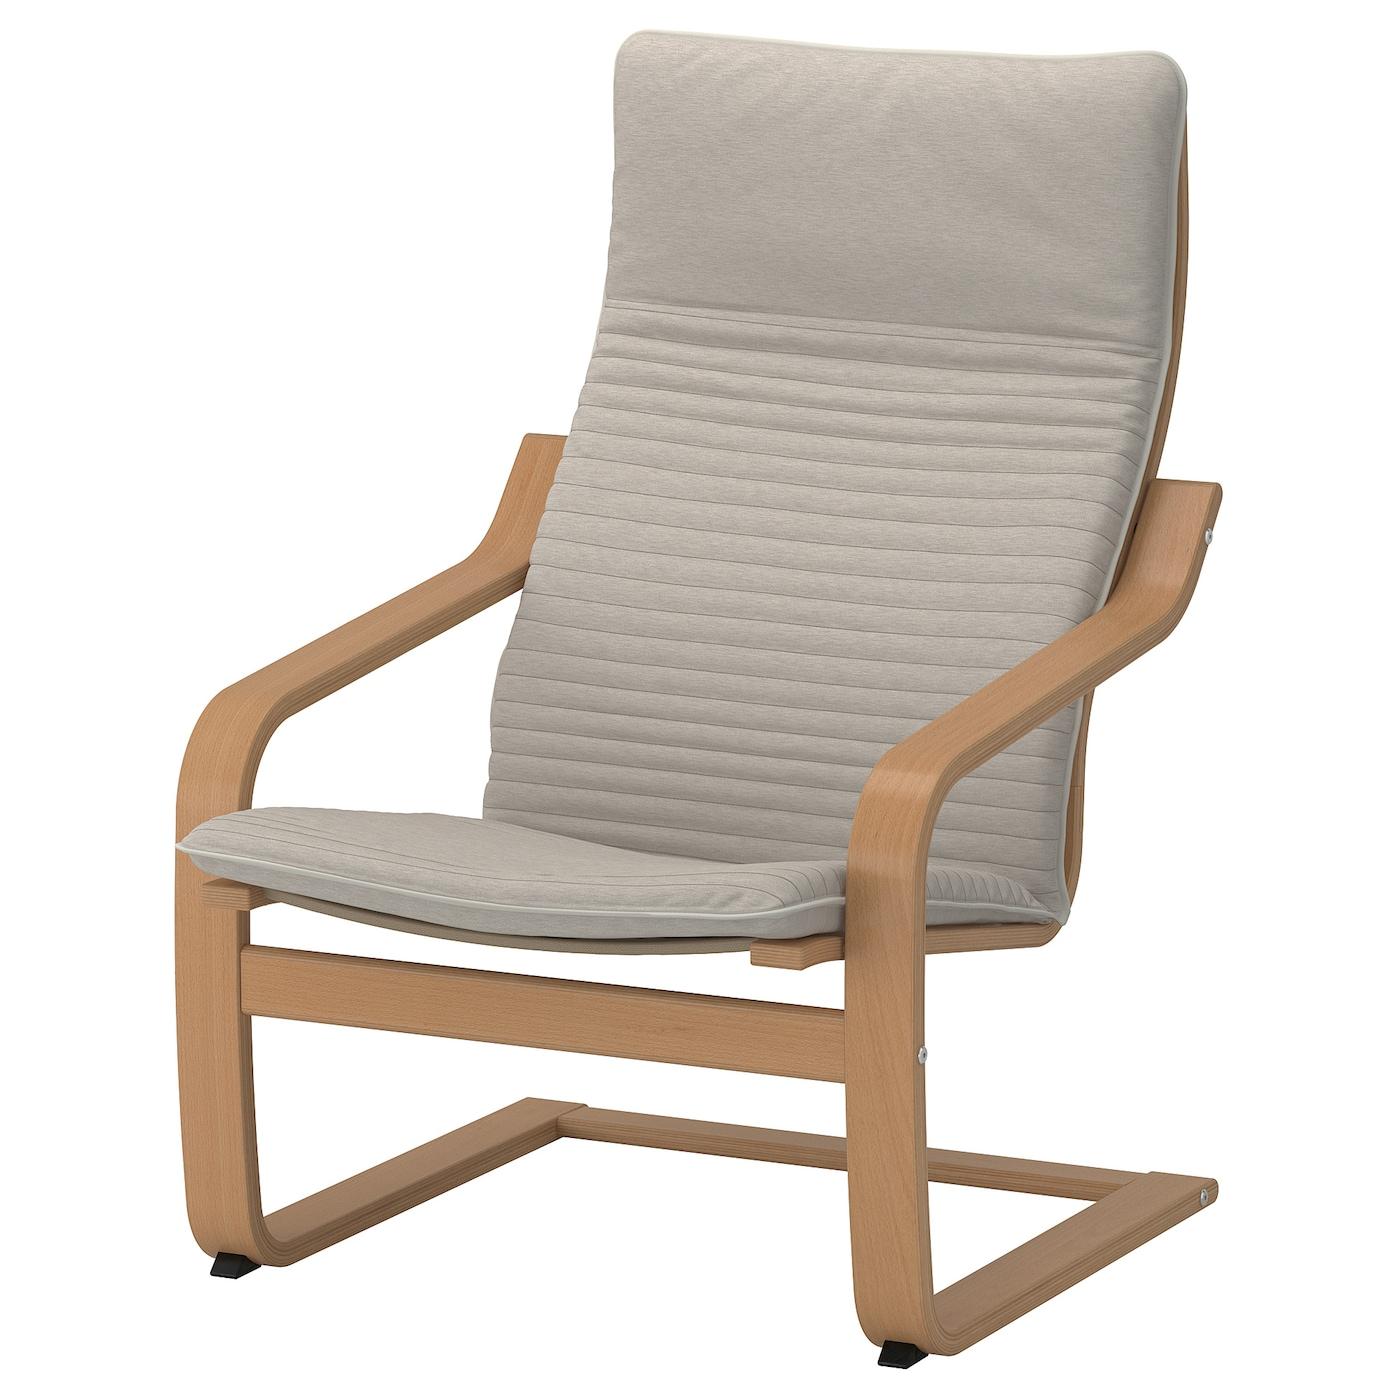 ikea pong fauteuil structure flexible en multiplis de htre pour une souplesse trs confortable - Fauteuil Relax Ikea